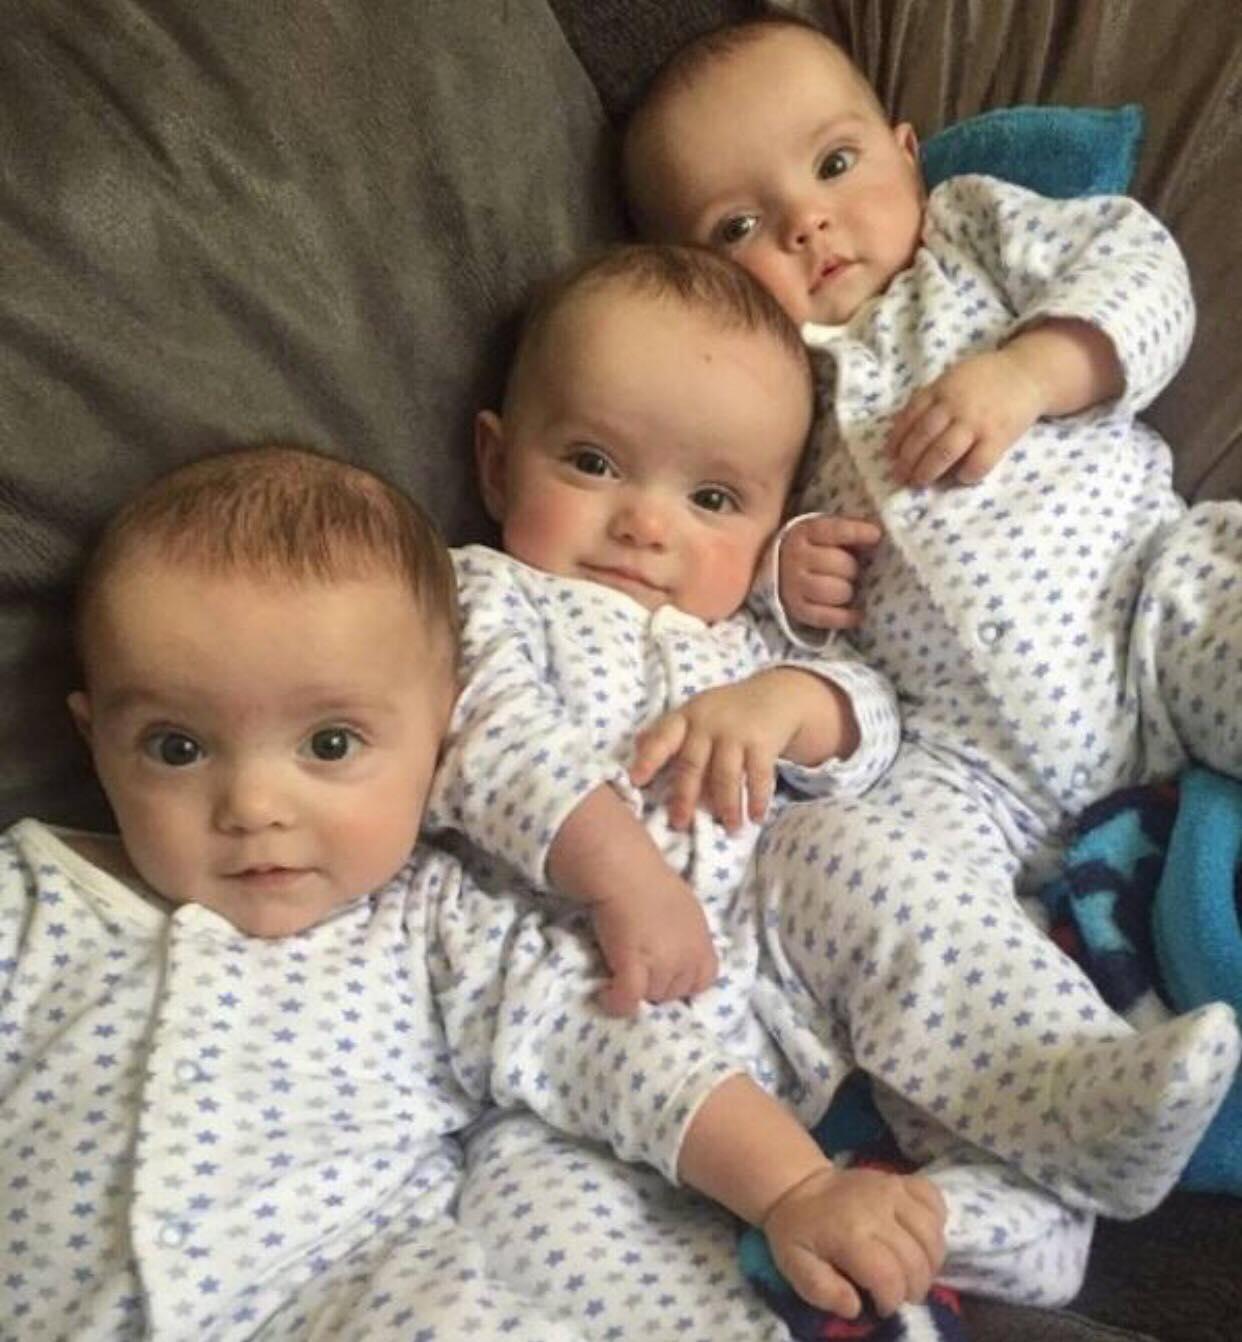 Imagini pentru tre gemelli identici